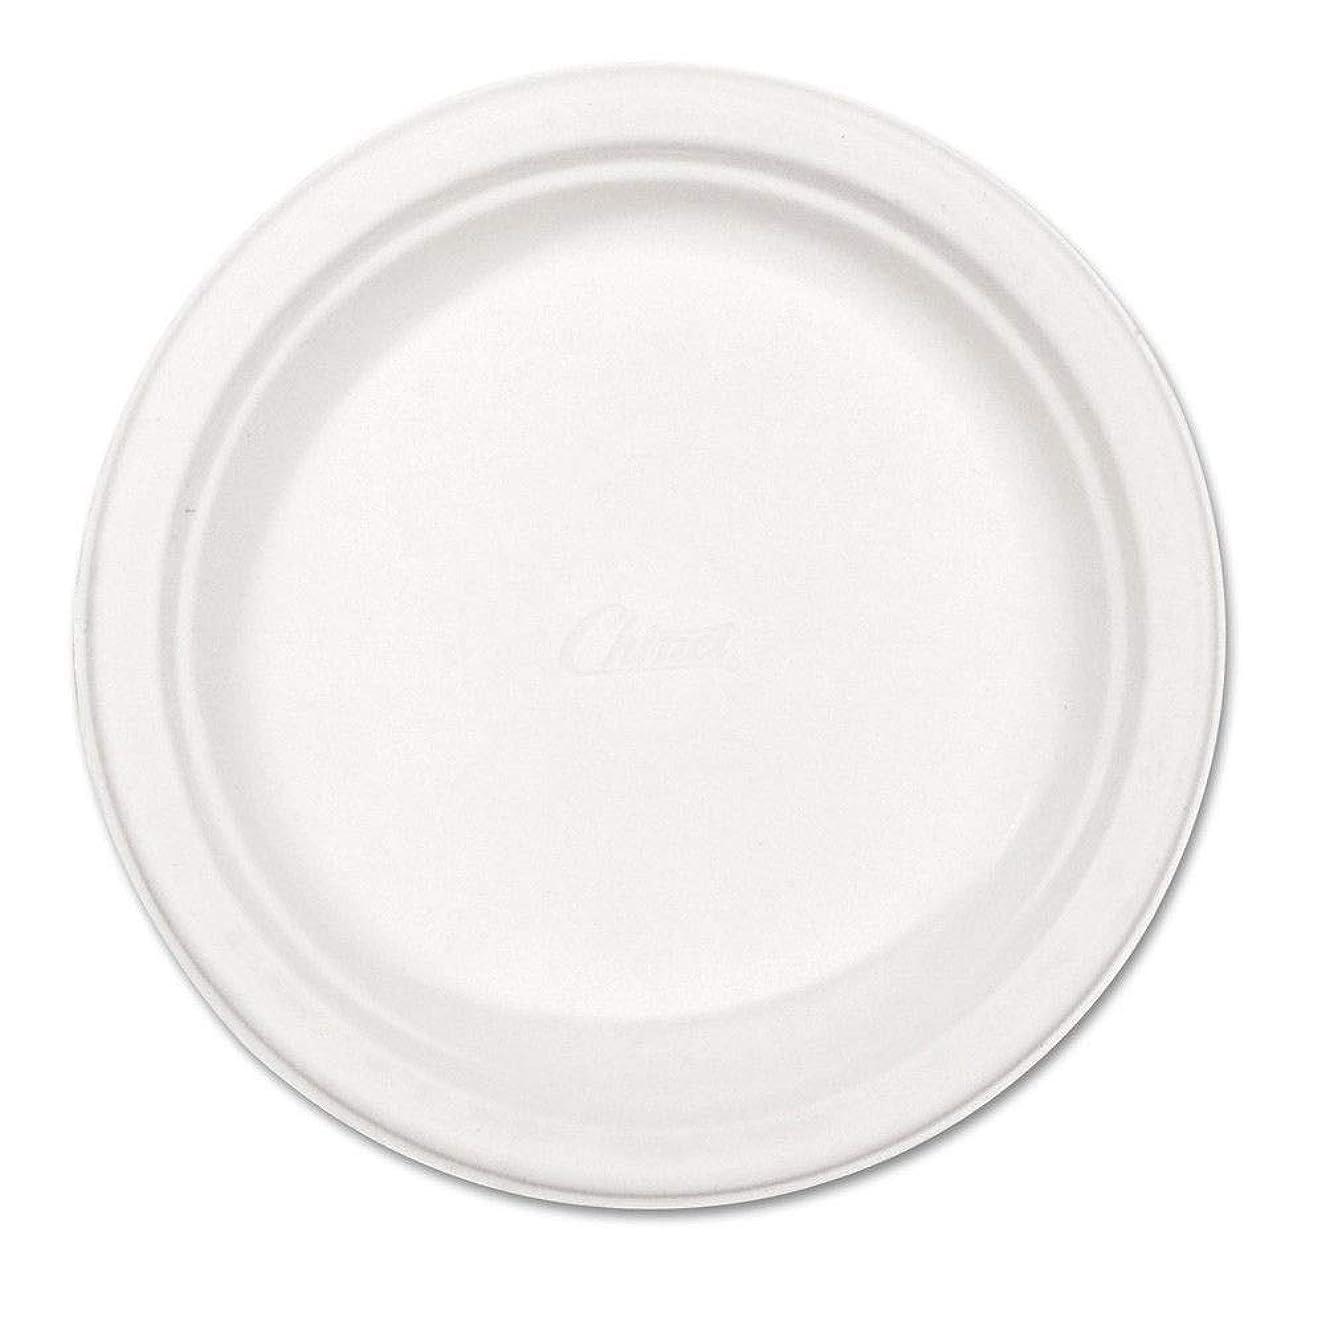 Chinet 21227 Paper Dinnerware, Plate, 8 3/4